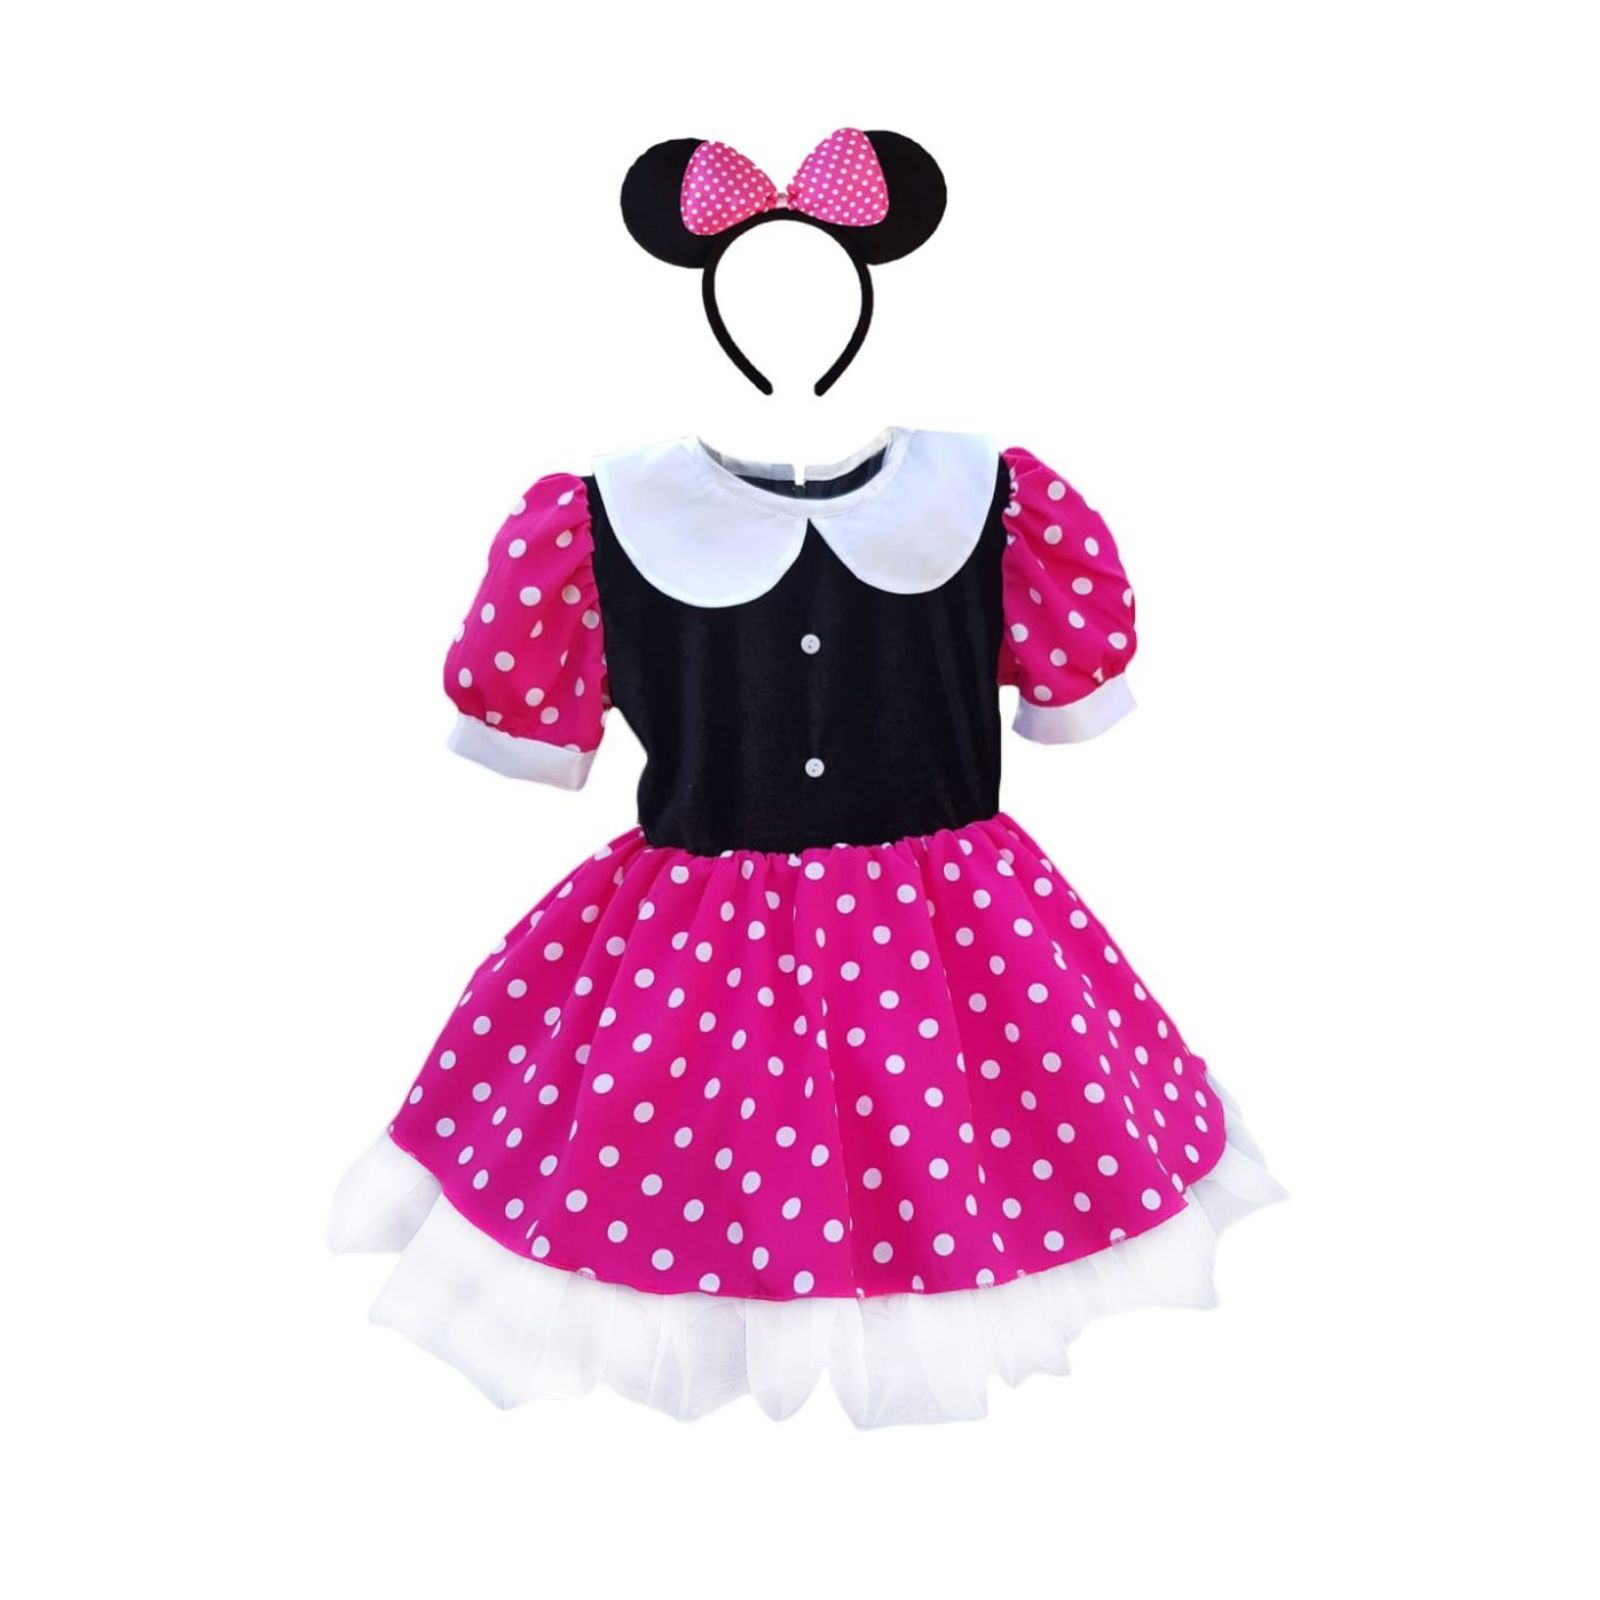 Rochita Minnie Mouse roz